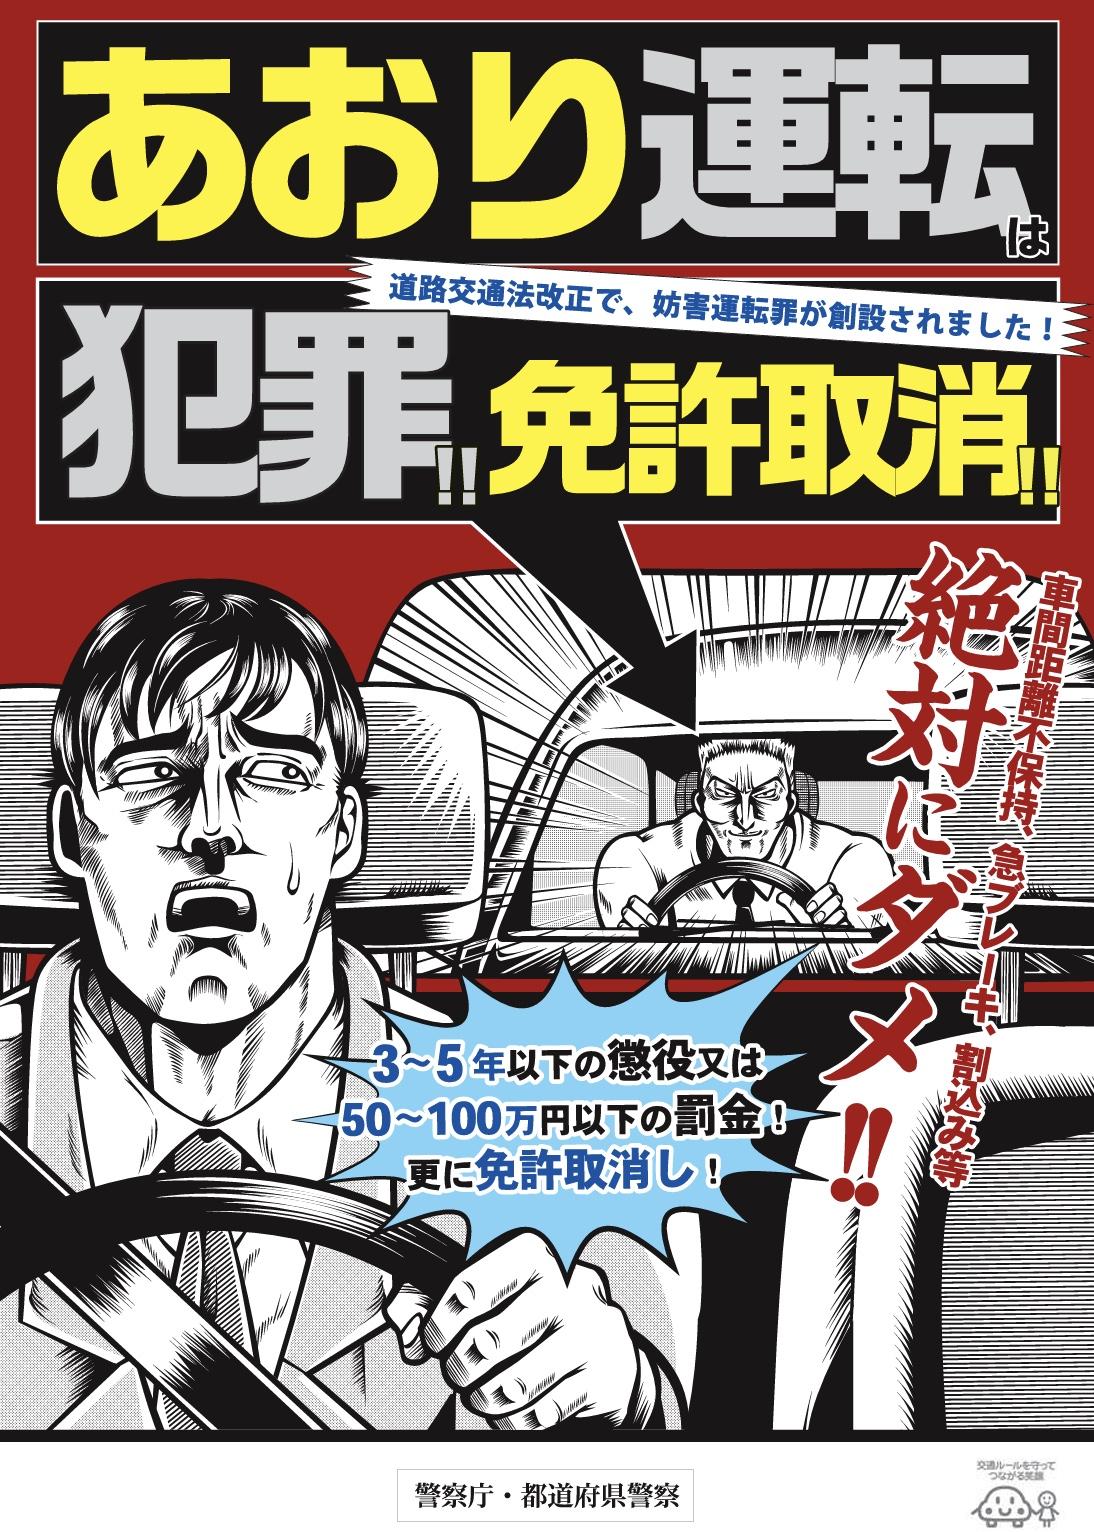 あおり運転は犯罪です! 被害を受ける前にドライブレコーダーの設置を!